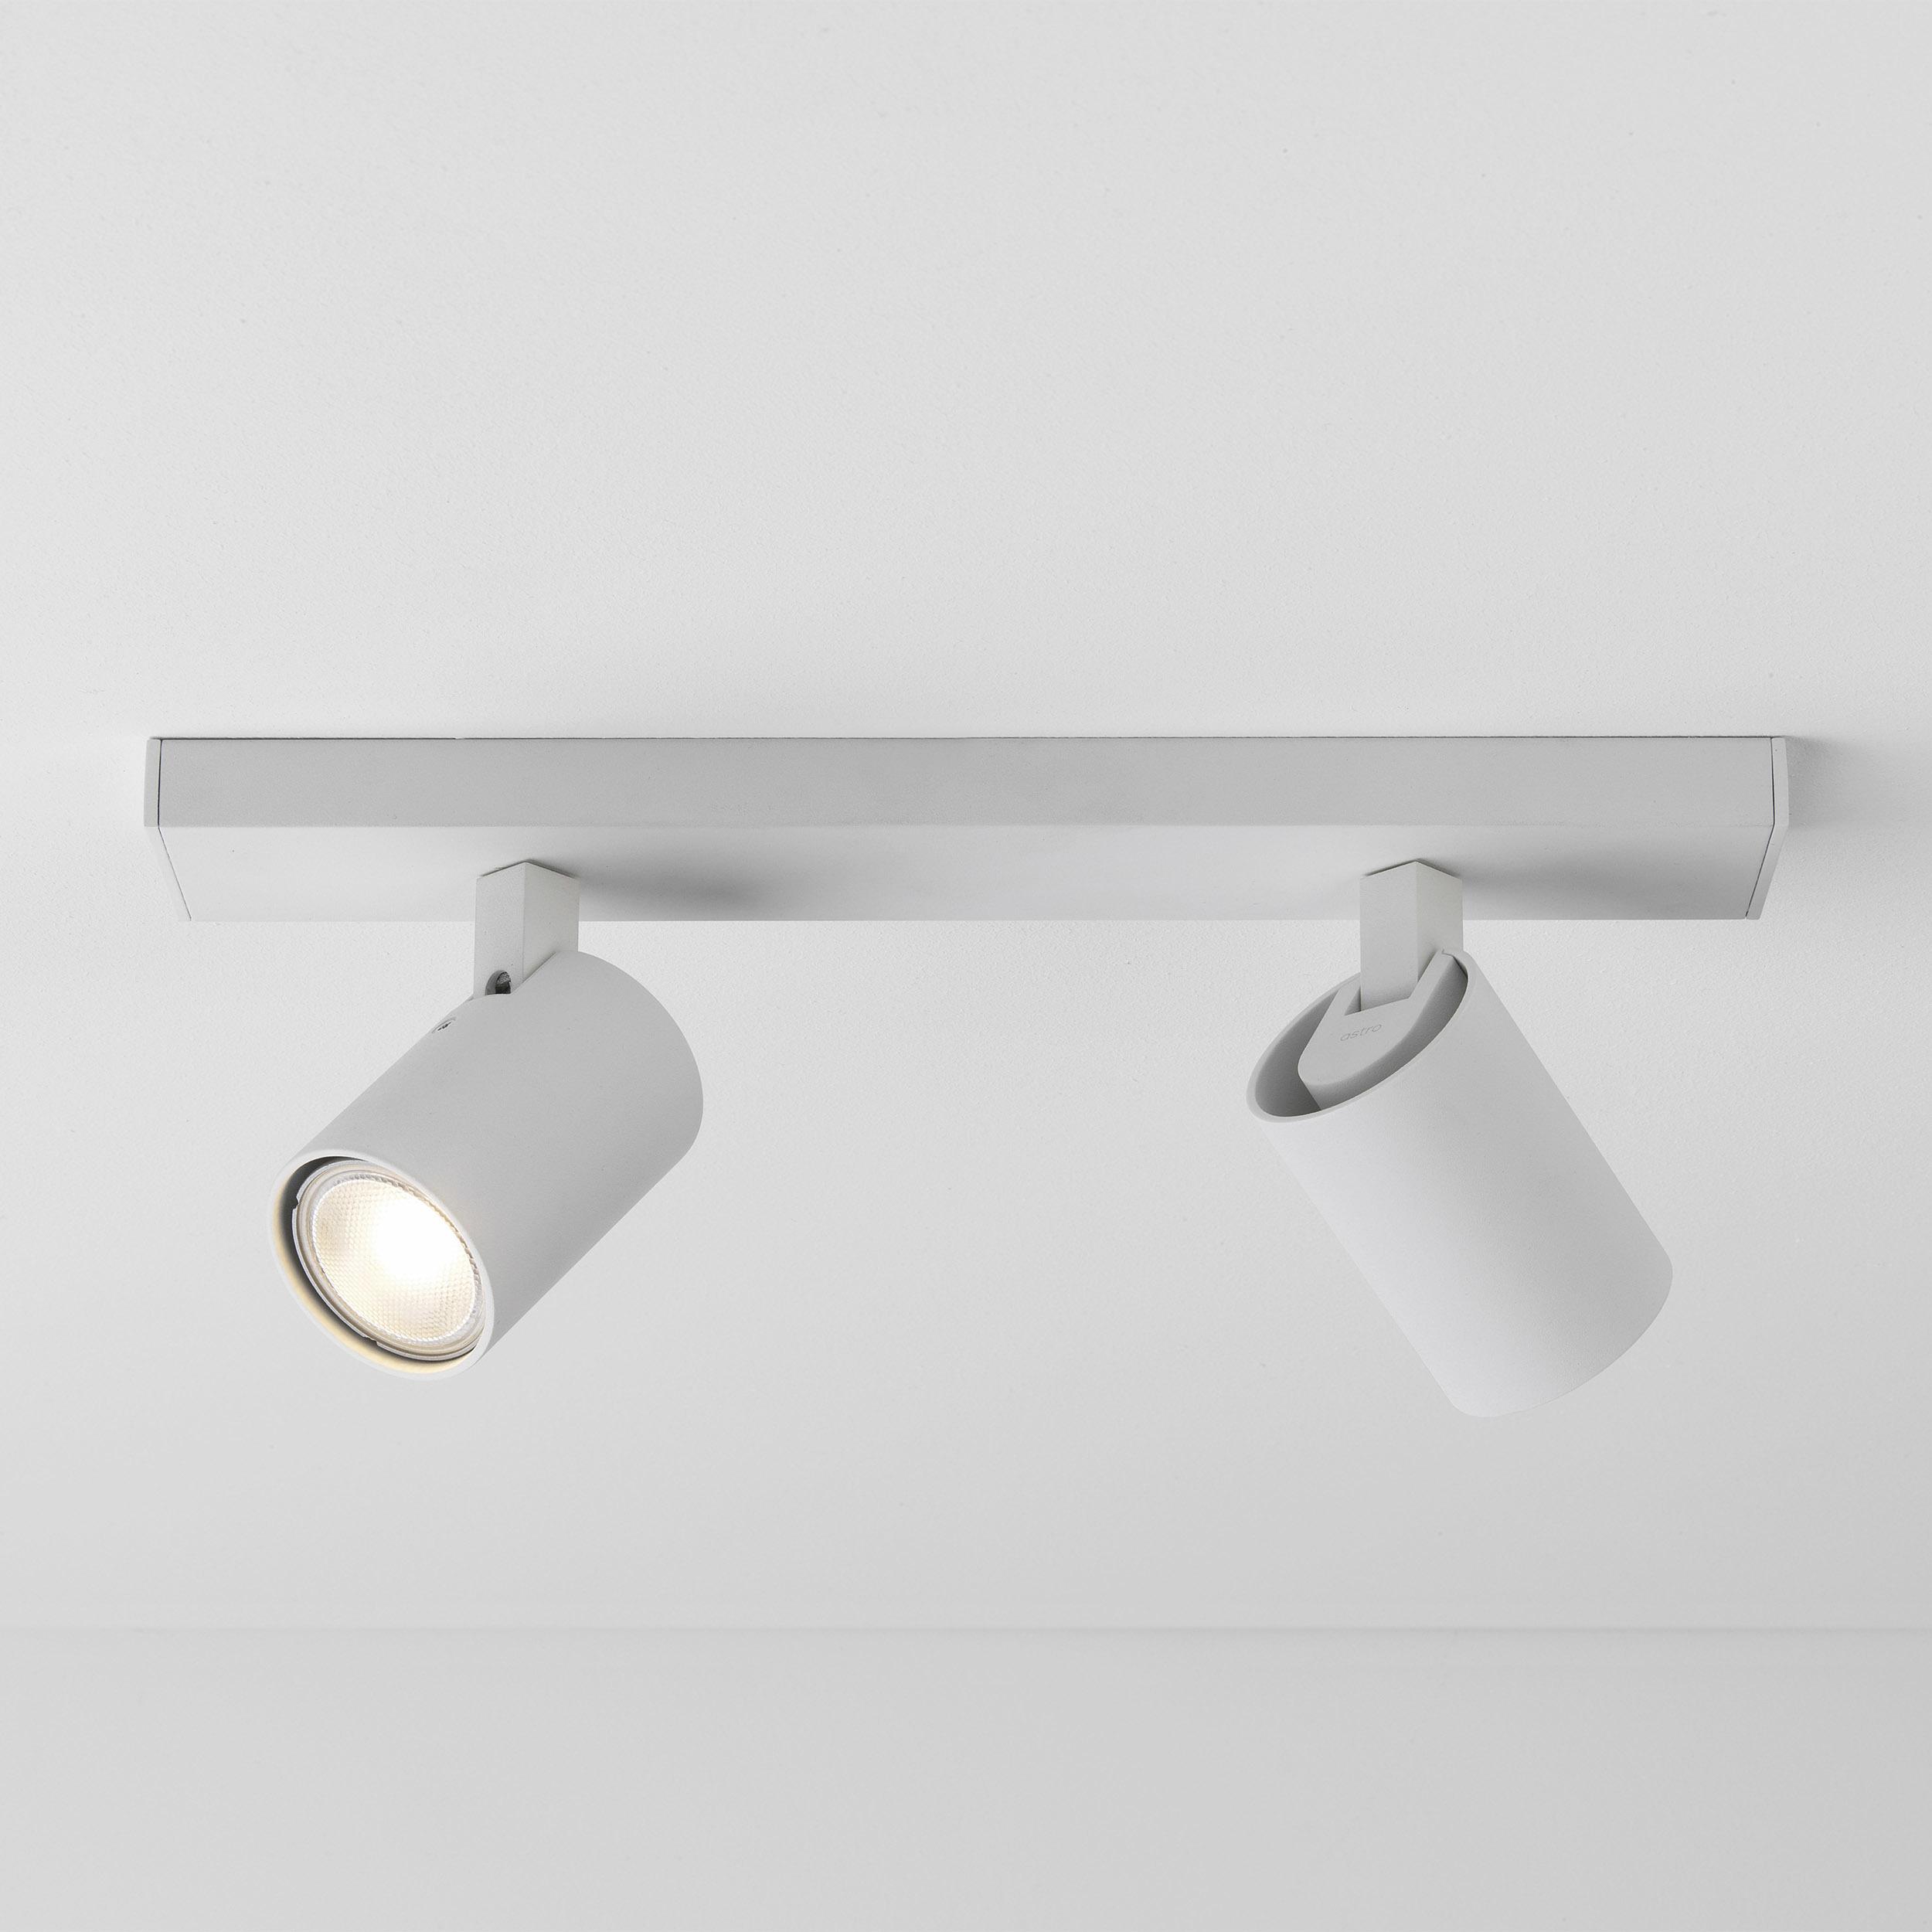 Потолочный светильник с регулировкой направления света Astro Ascoli 1286034 (6159), 2xGU10x50W, белый, металл - фото 1